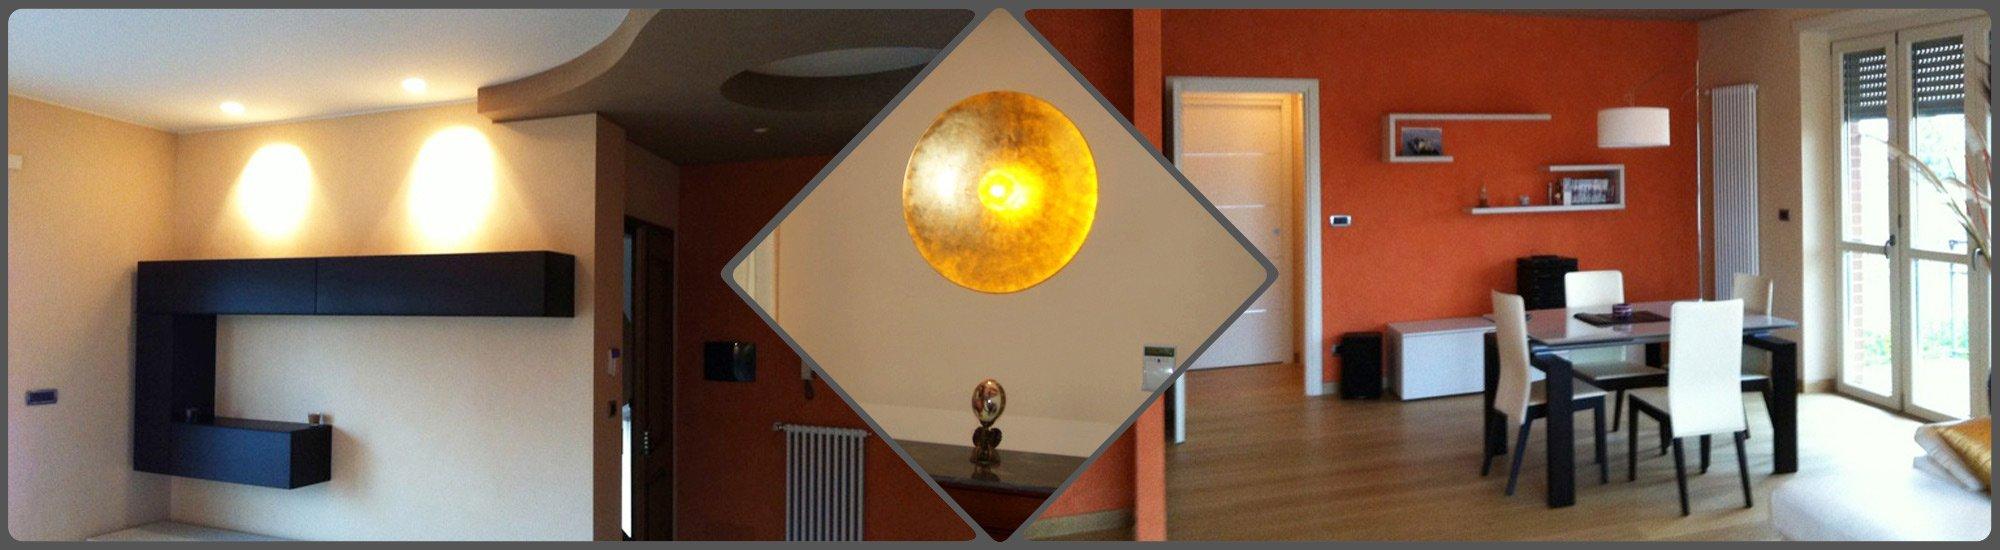 Due ambientazioni che ospitano componenti di illuminazione forniti dalla F.A.L.C . LAMPADARI di Ciriè